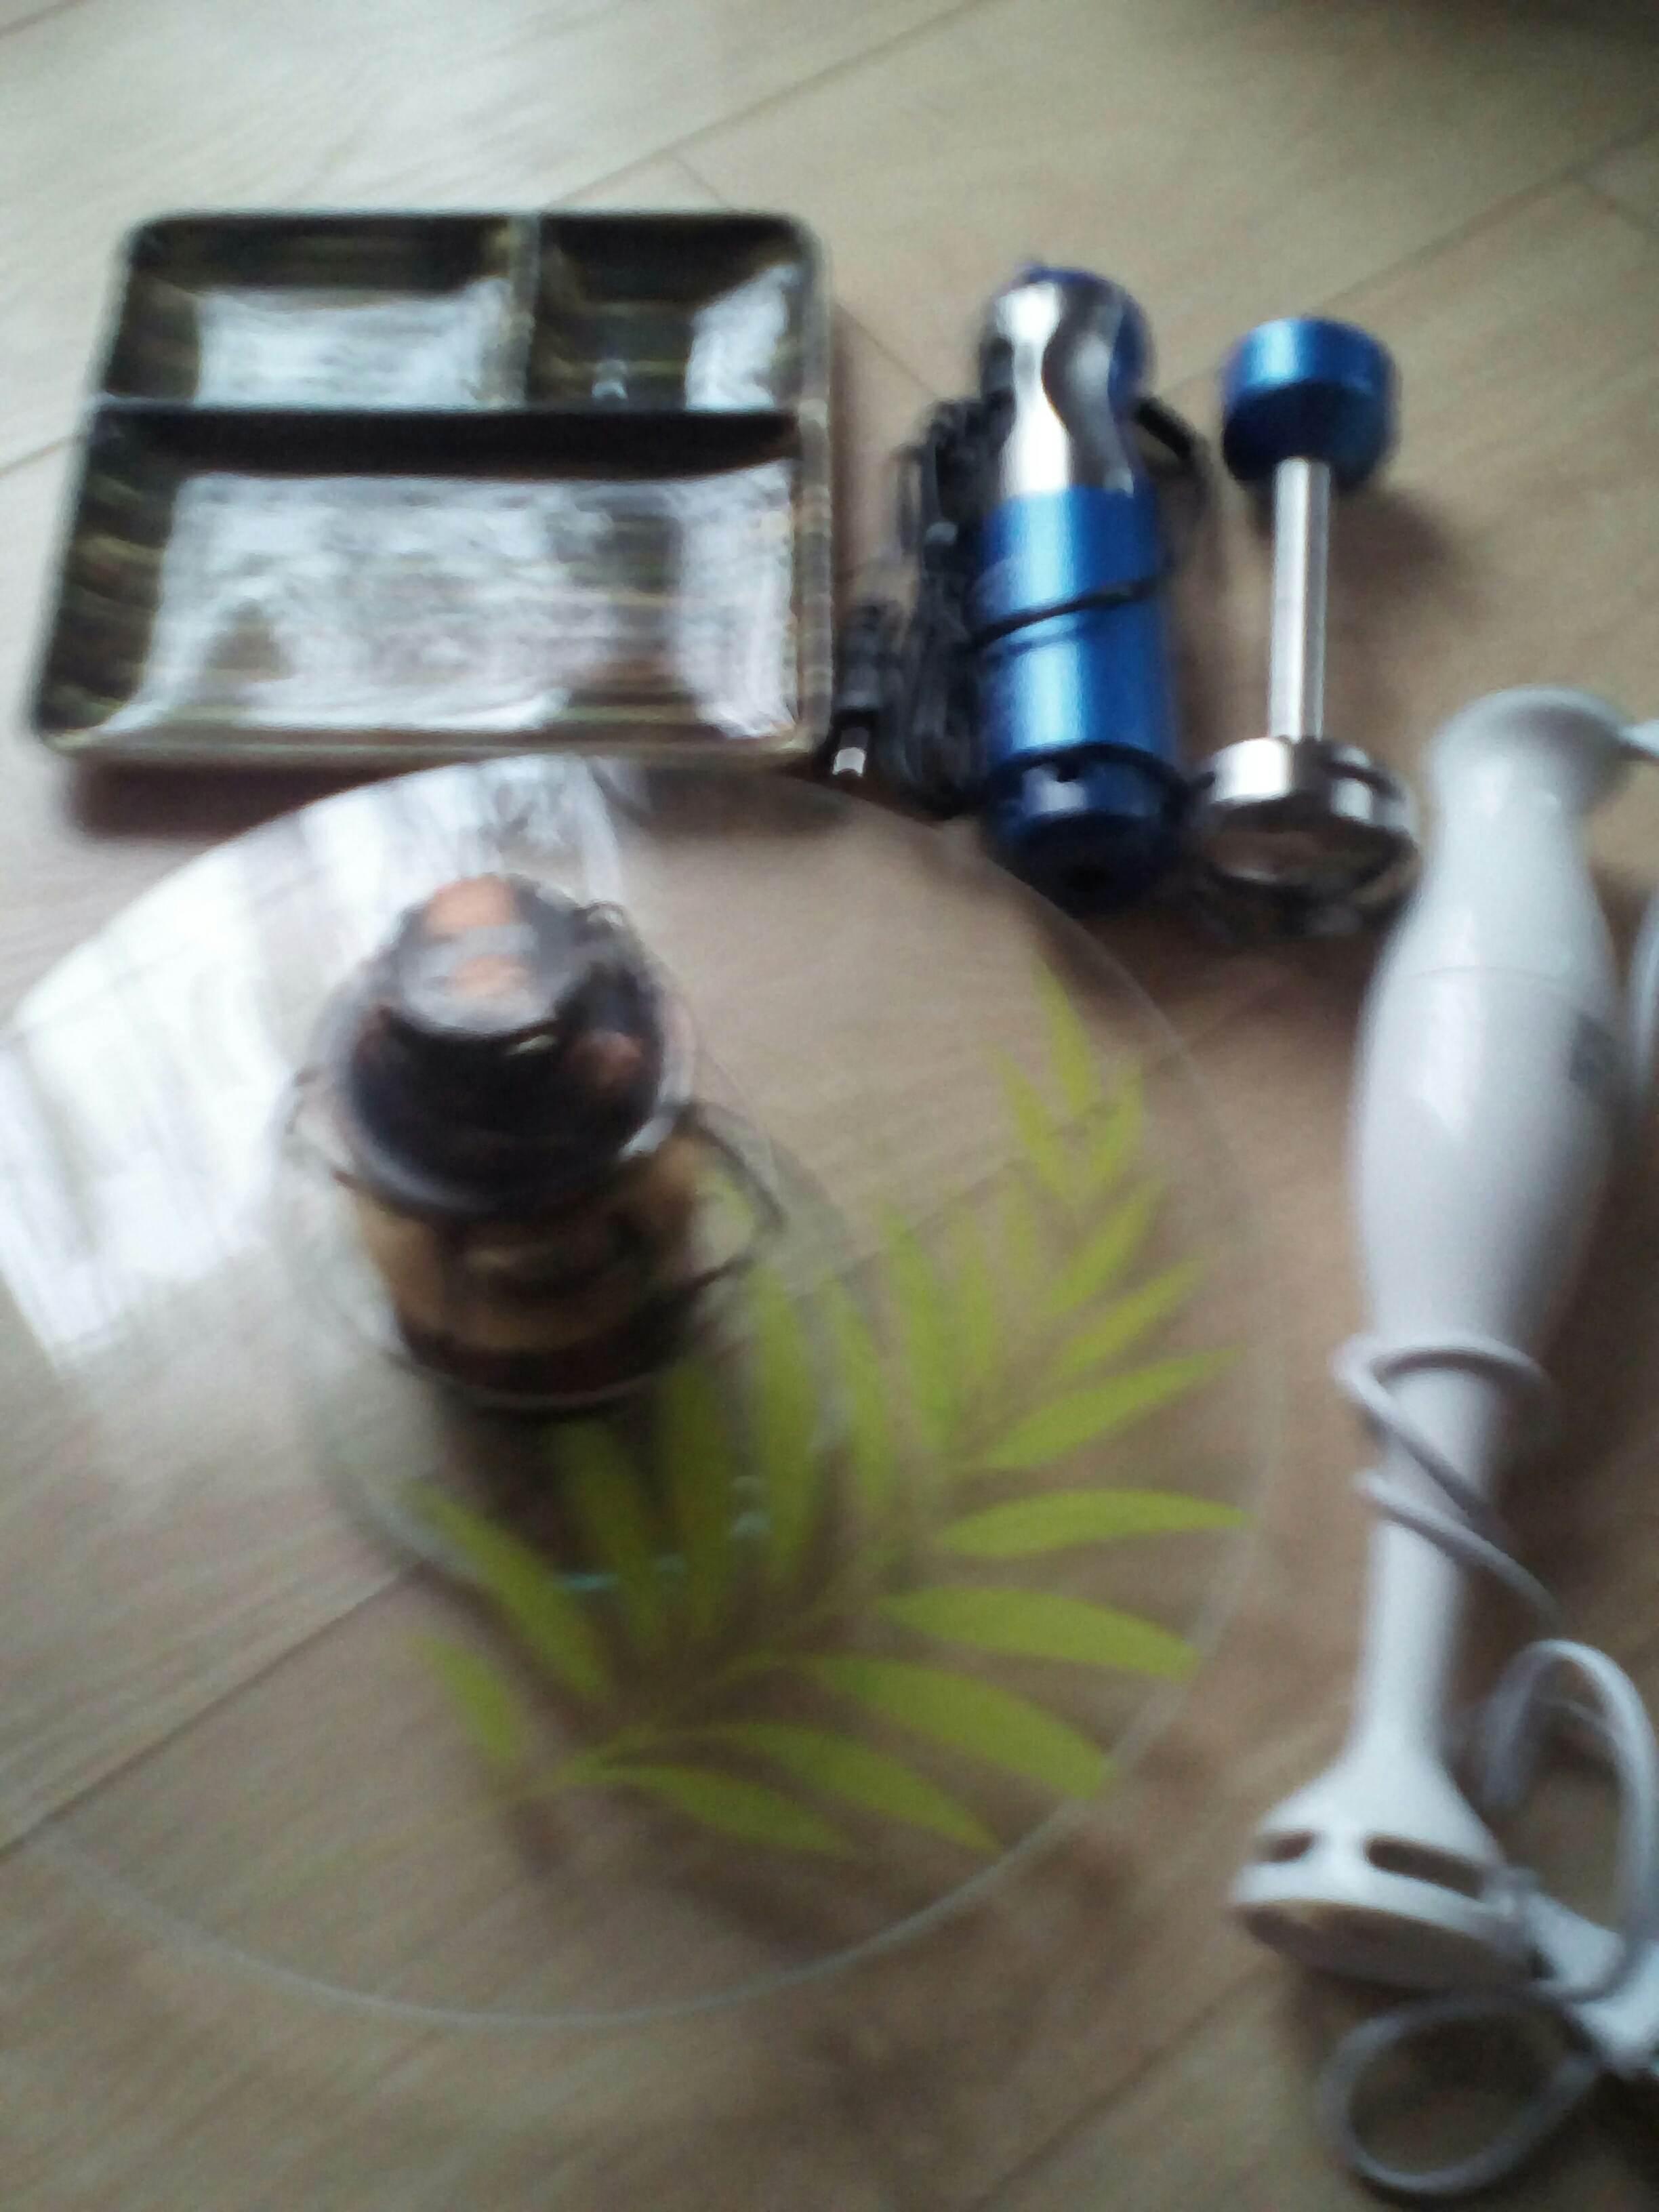 Achetez objets divers lampe quasi neuf annonce vente for Jardin 08000